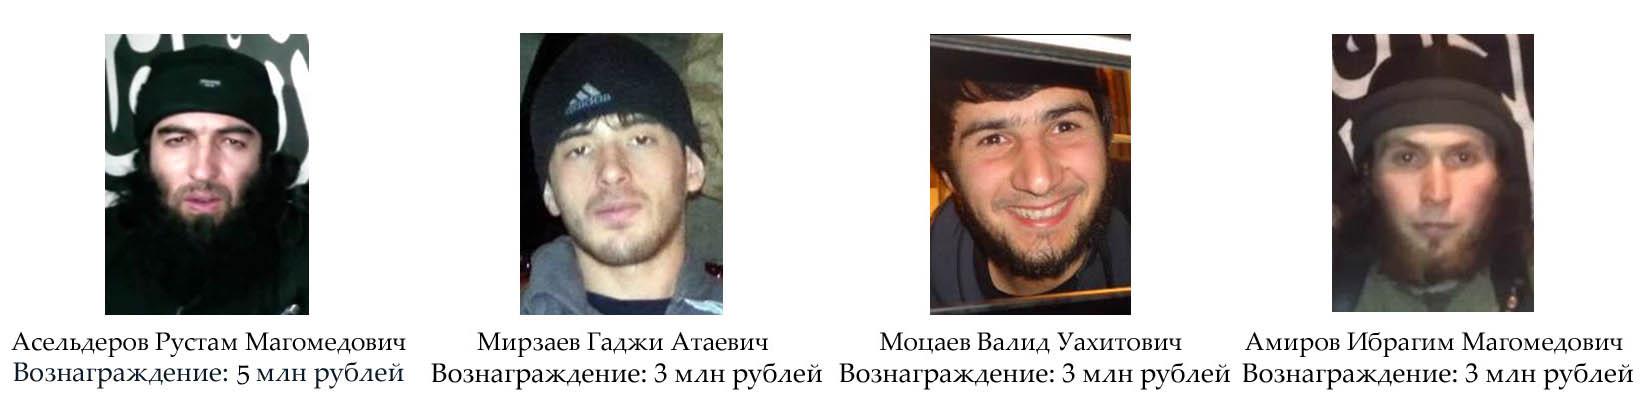 В Дагестане ищут Асельдерова, Мирзаева, Моцаева и Амирова. Фото: сайт МВД по Чечне.